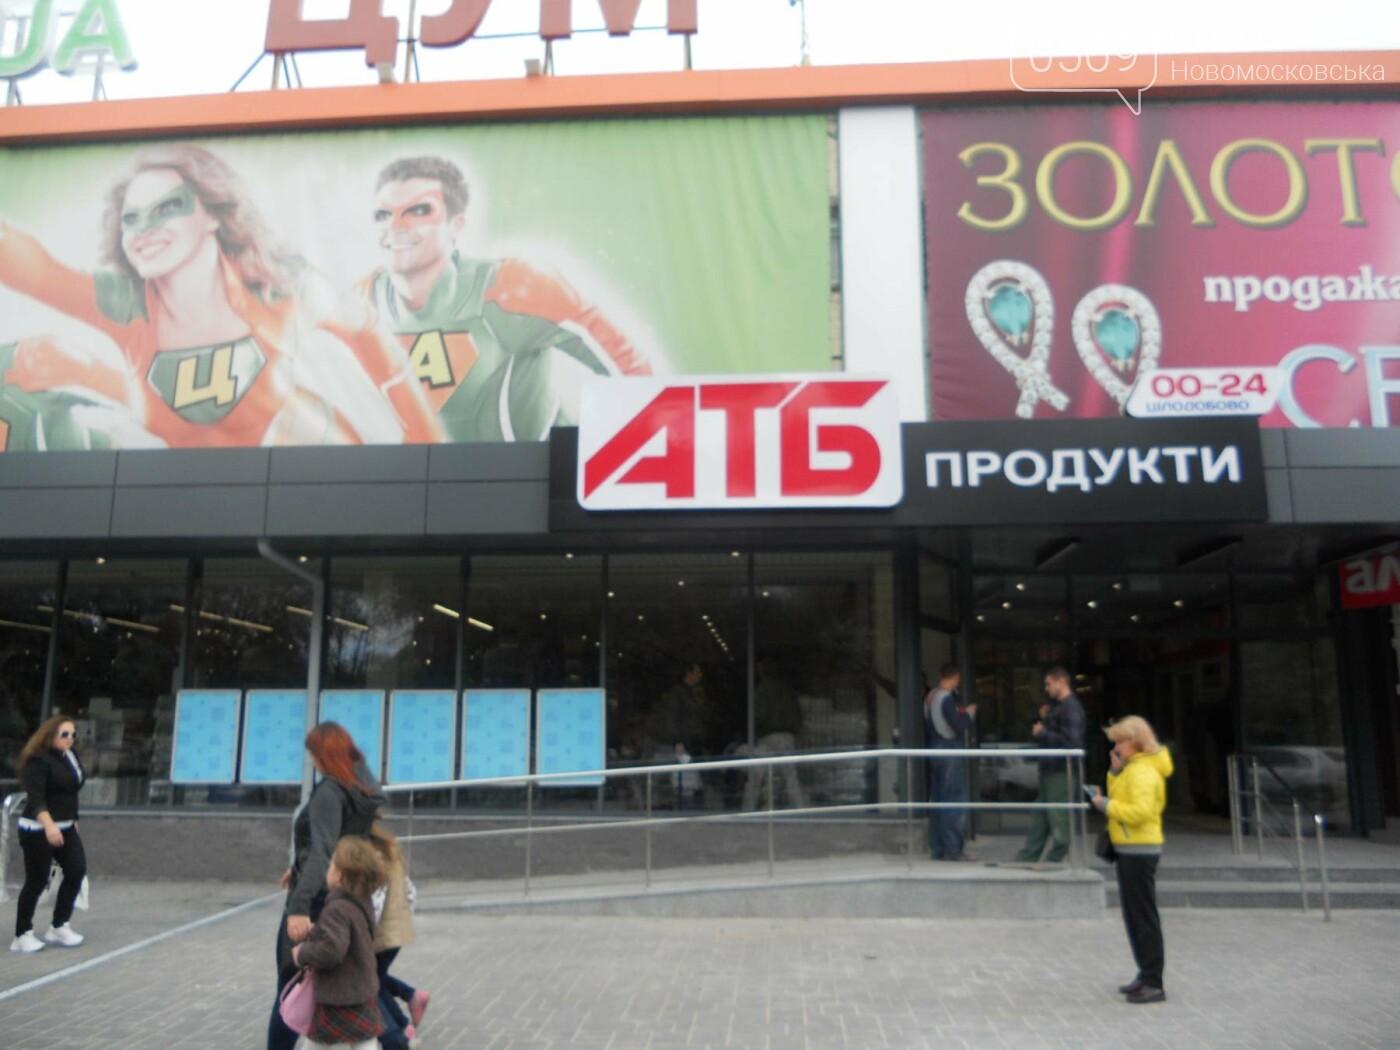 В Новомосковске завершается реконструкция АТБ, фото-1